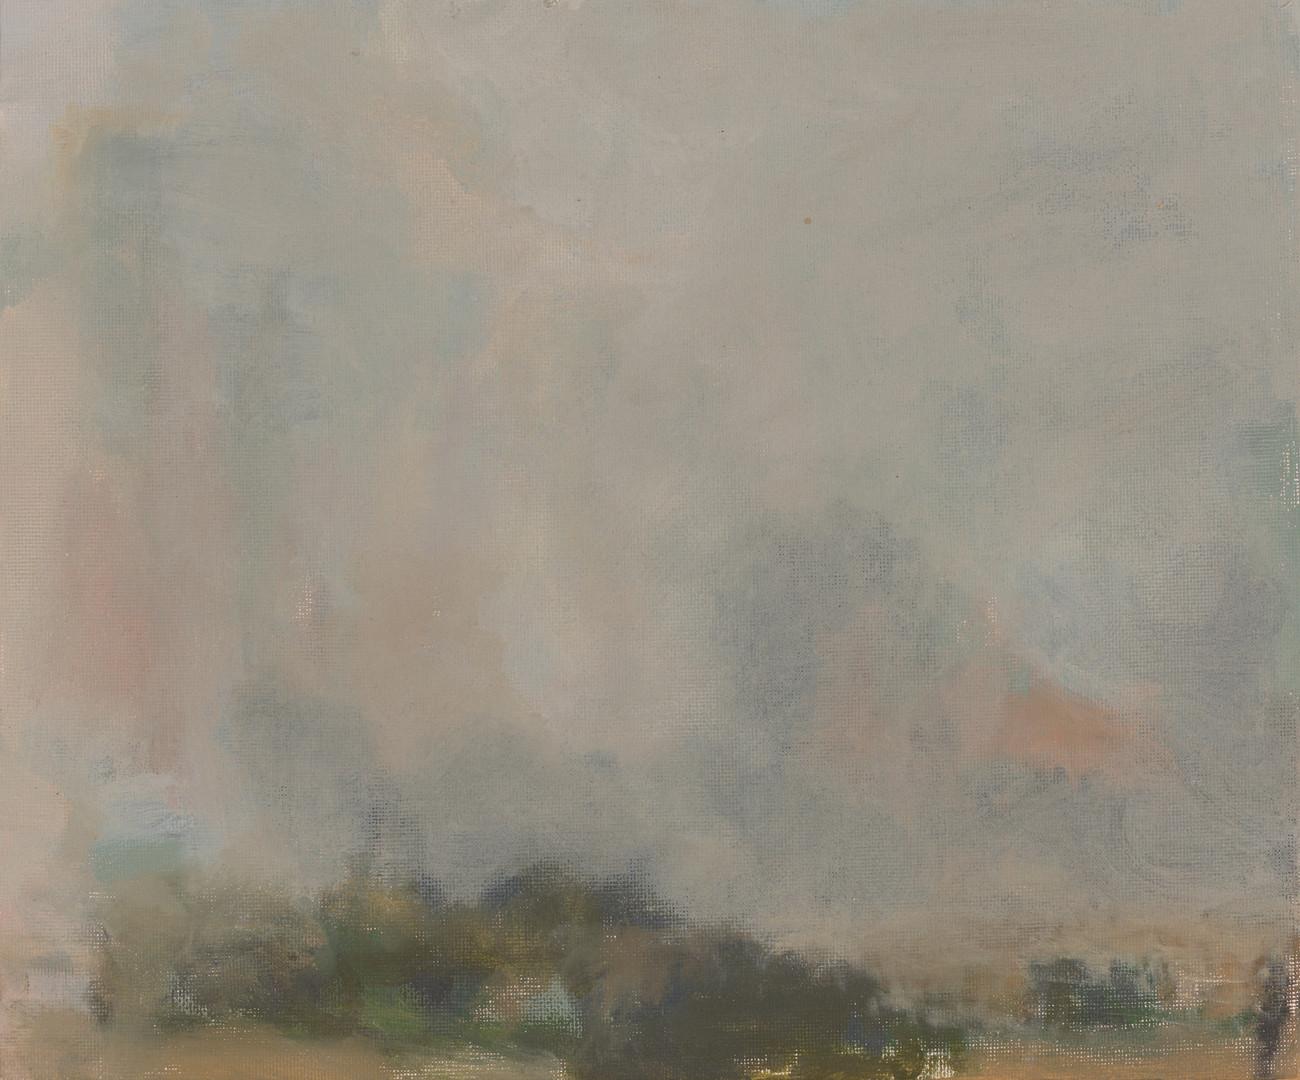 V15_Eternal_Shift_2020,_oil_on_canvas_bo